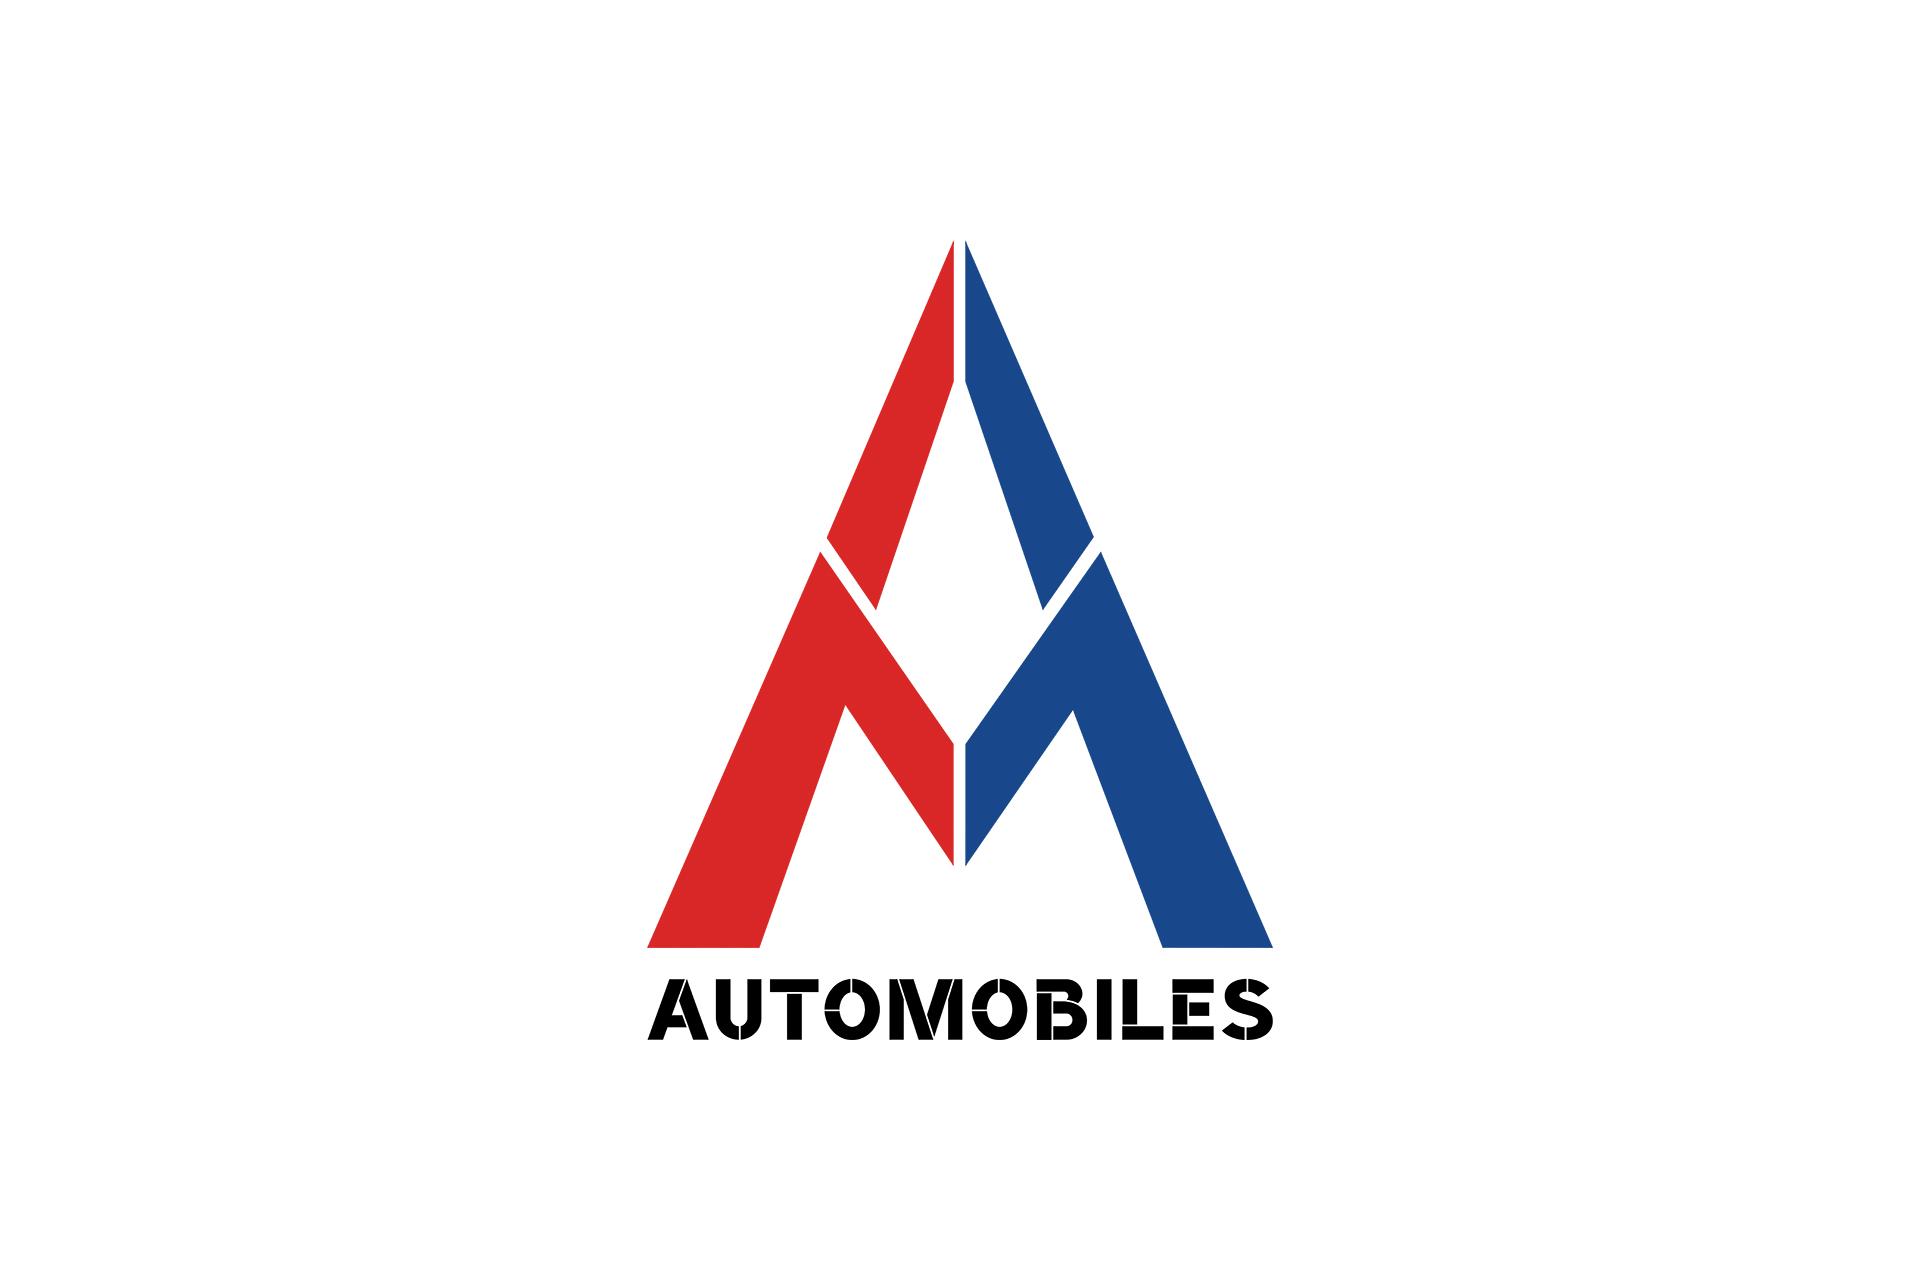 logo-am-automobiles